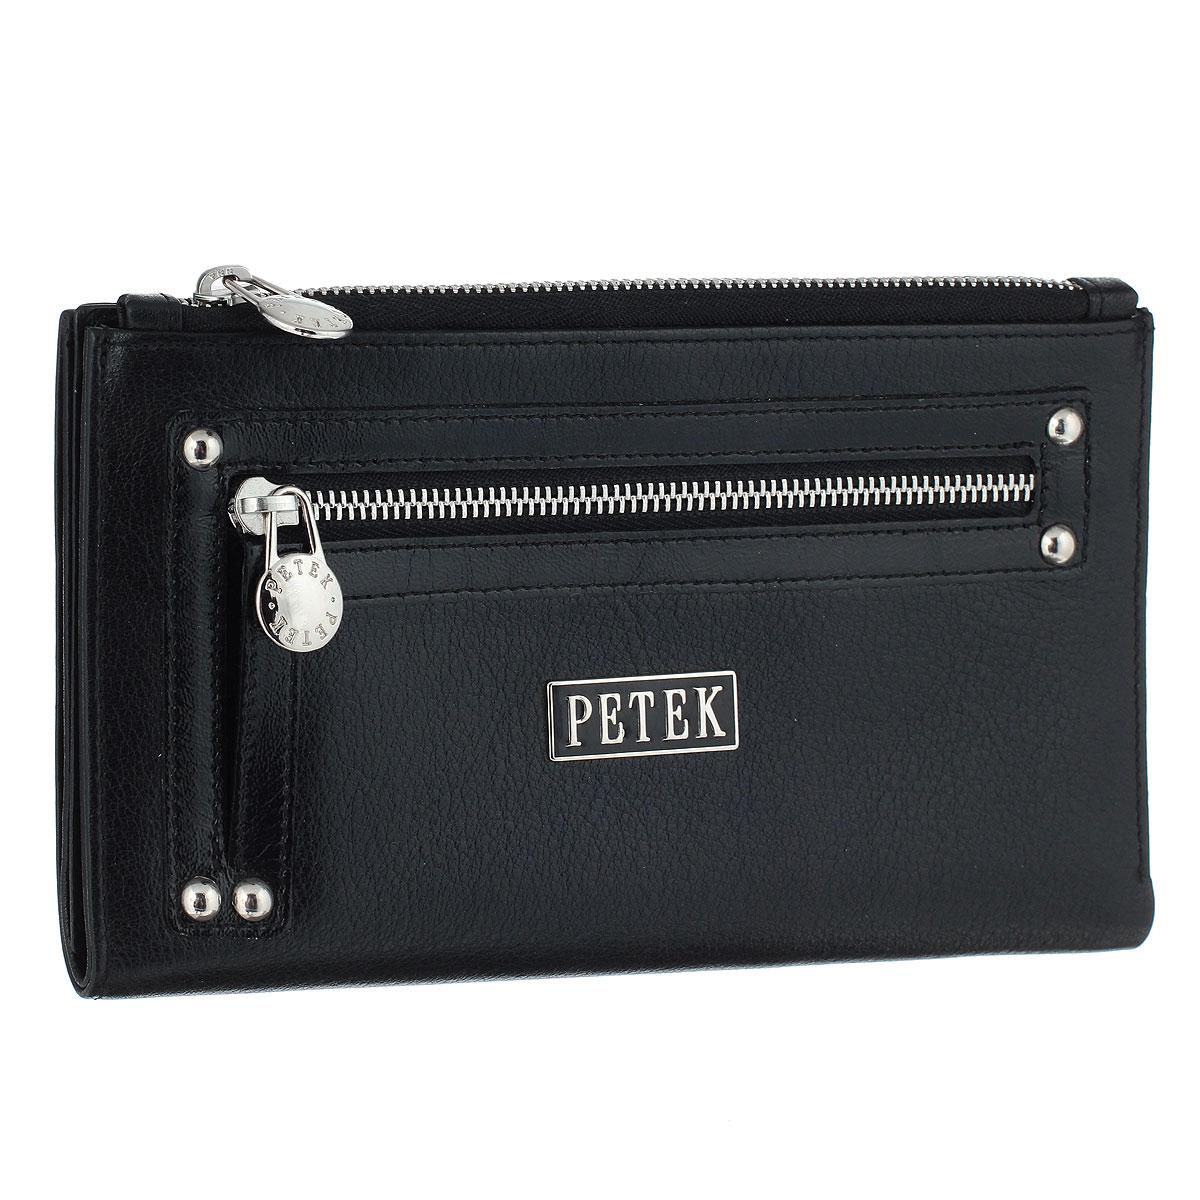 Портмоне Petek, цвет: черный. 425V.RU2.01425V.RU2.01 BlackСтильное портмоне Petek изготовлено из высококачественной натуральной кожи с отделкой из лаковой кожи. Внутри - вместительный карман на молнии, три горизонтальных кармана для бумаг, два кармана с сетчатыми вставками, восемь наборных кармашков для кредитных карт или визиток и вертикальный карман для чеков. С внешней стороны предусмотрен карман для мелочи на молнии. Стильное и практичное портмоне Petek идеально подчеркнет ваш образ. Упаковано в фирменную картонную коробку с логотипом брэнда.